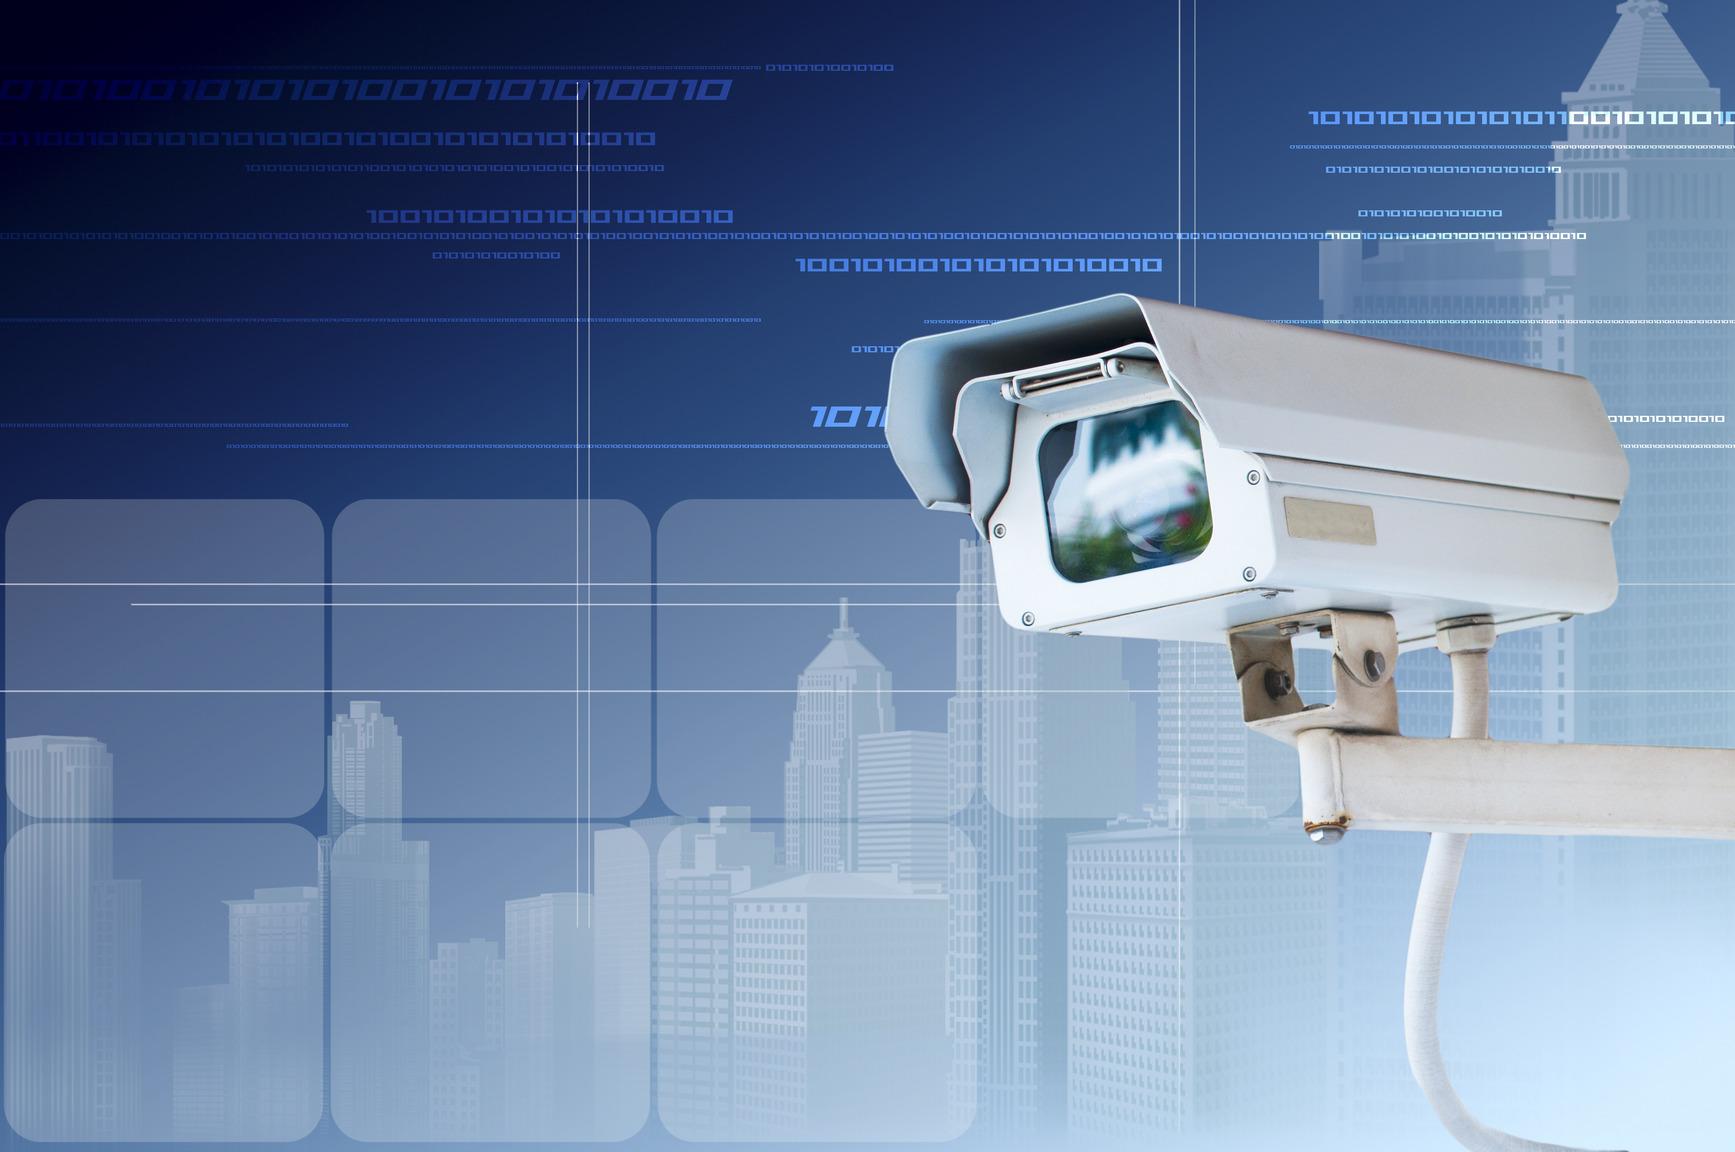 seguridad inteligente basada en el análisis de video